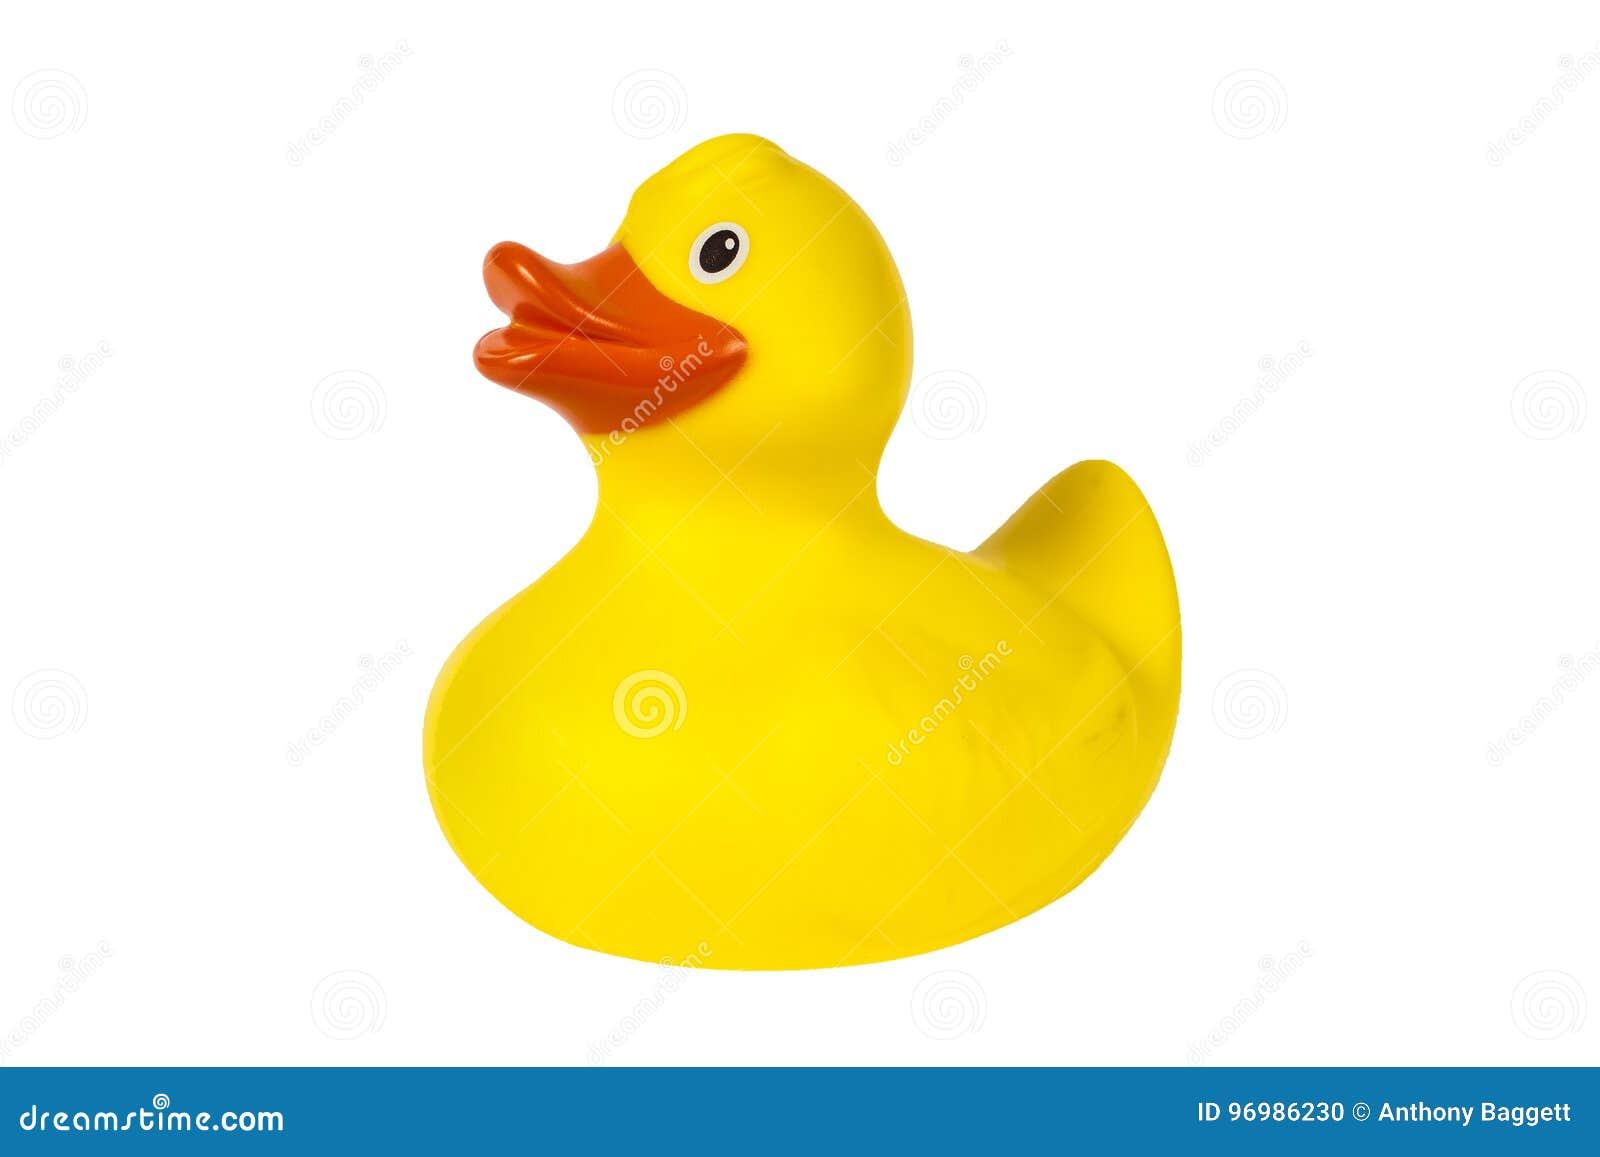 Pato de borracha plástico amarelo